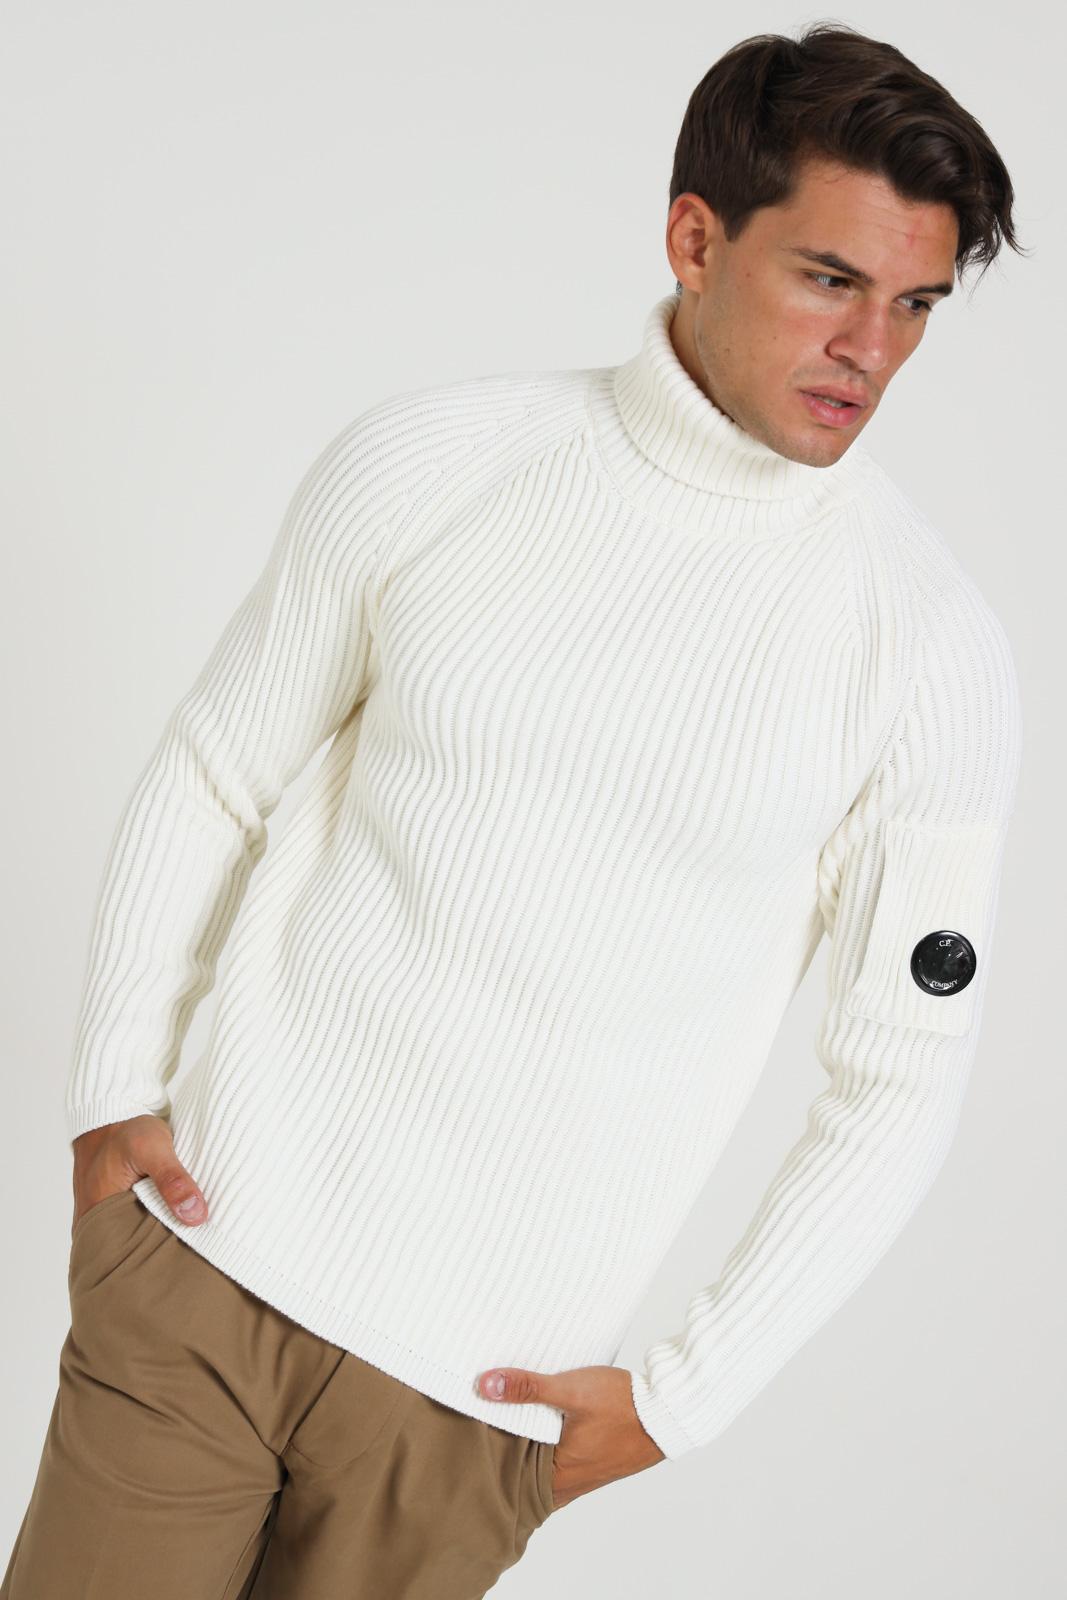 C.P. COMPANY   Knitwear   09CMKN222A-005292A103